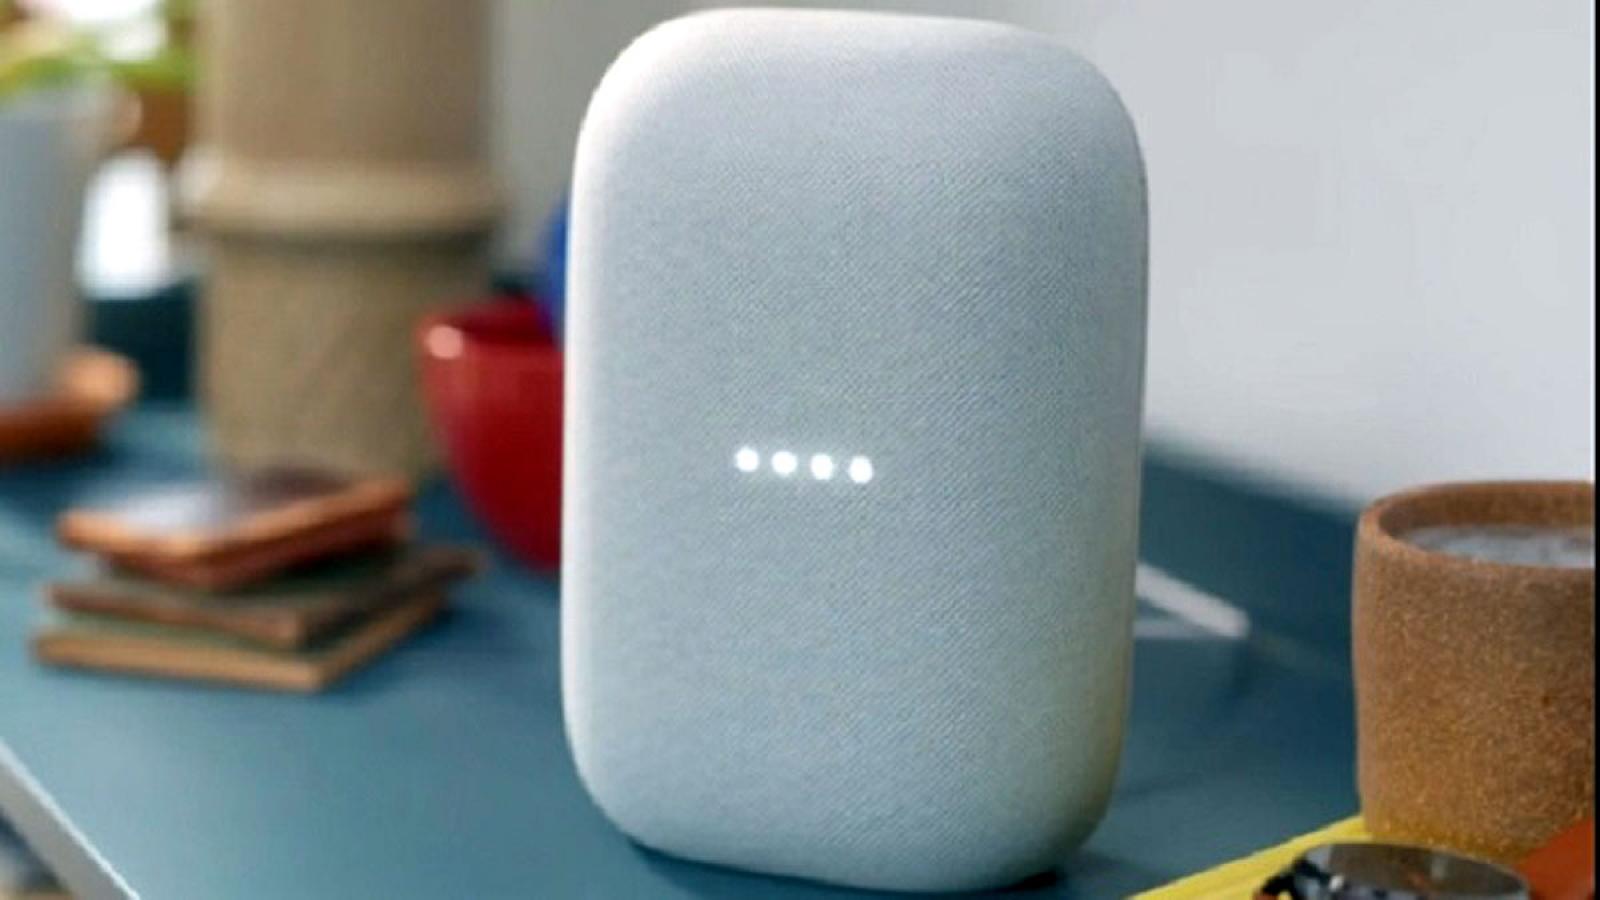 Apple Music đã xuất hiện trên thiết bị sử dụng Trợ lý Google Assistant